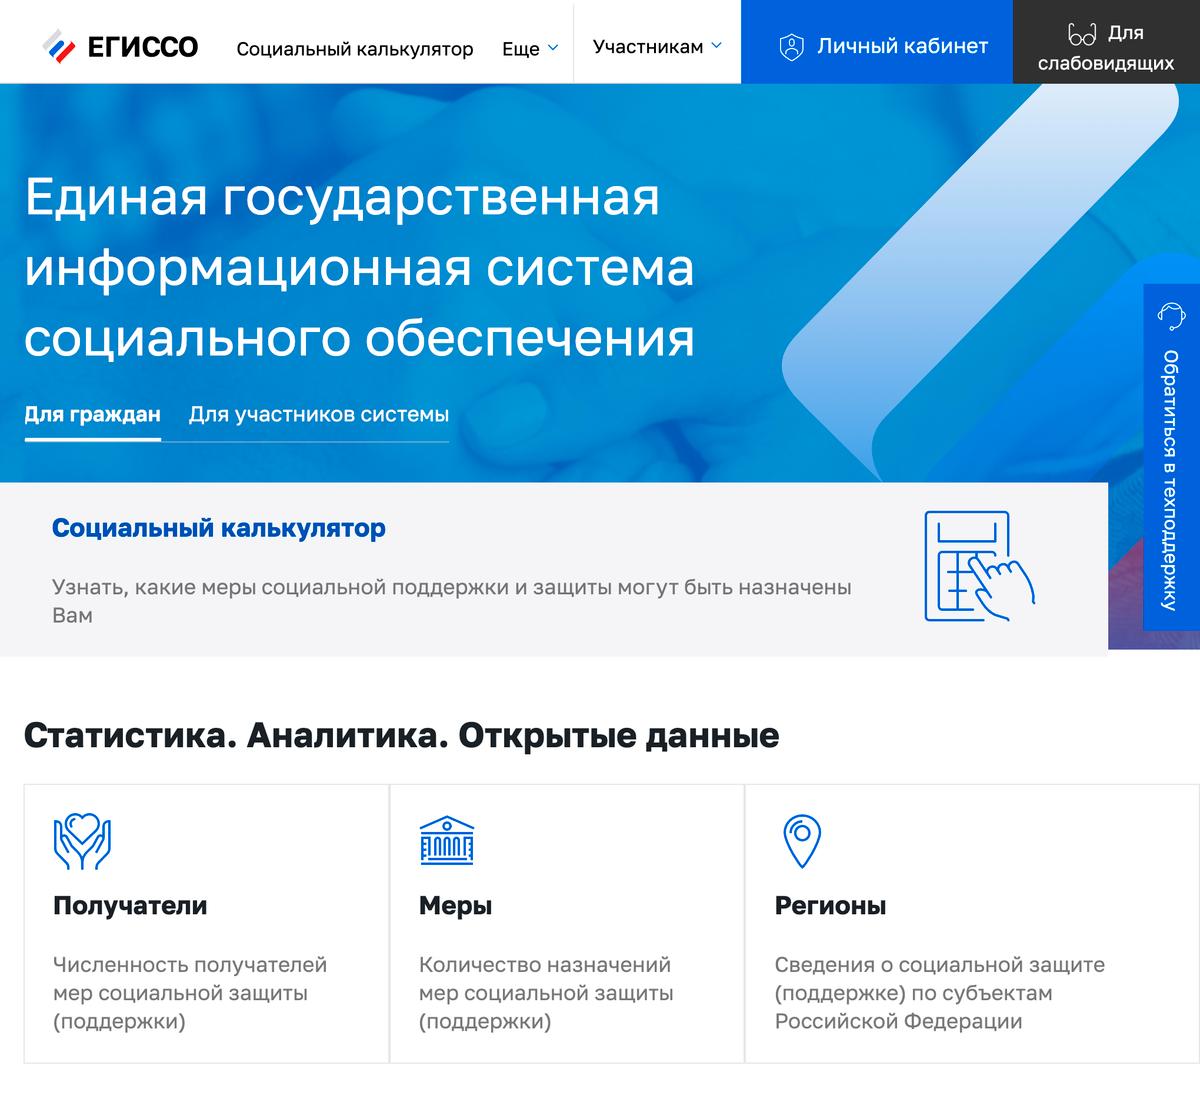 Так выглядит главная страница портала ЕГИССО